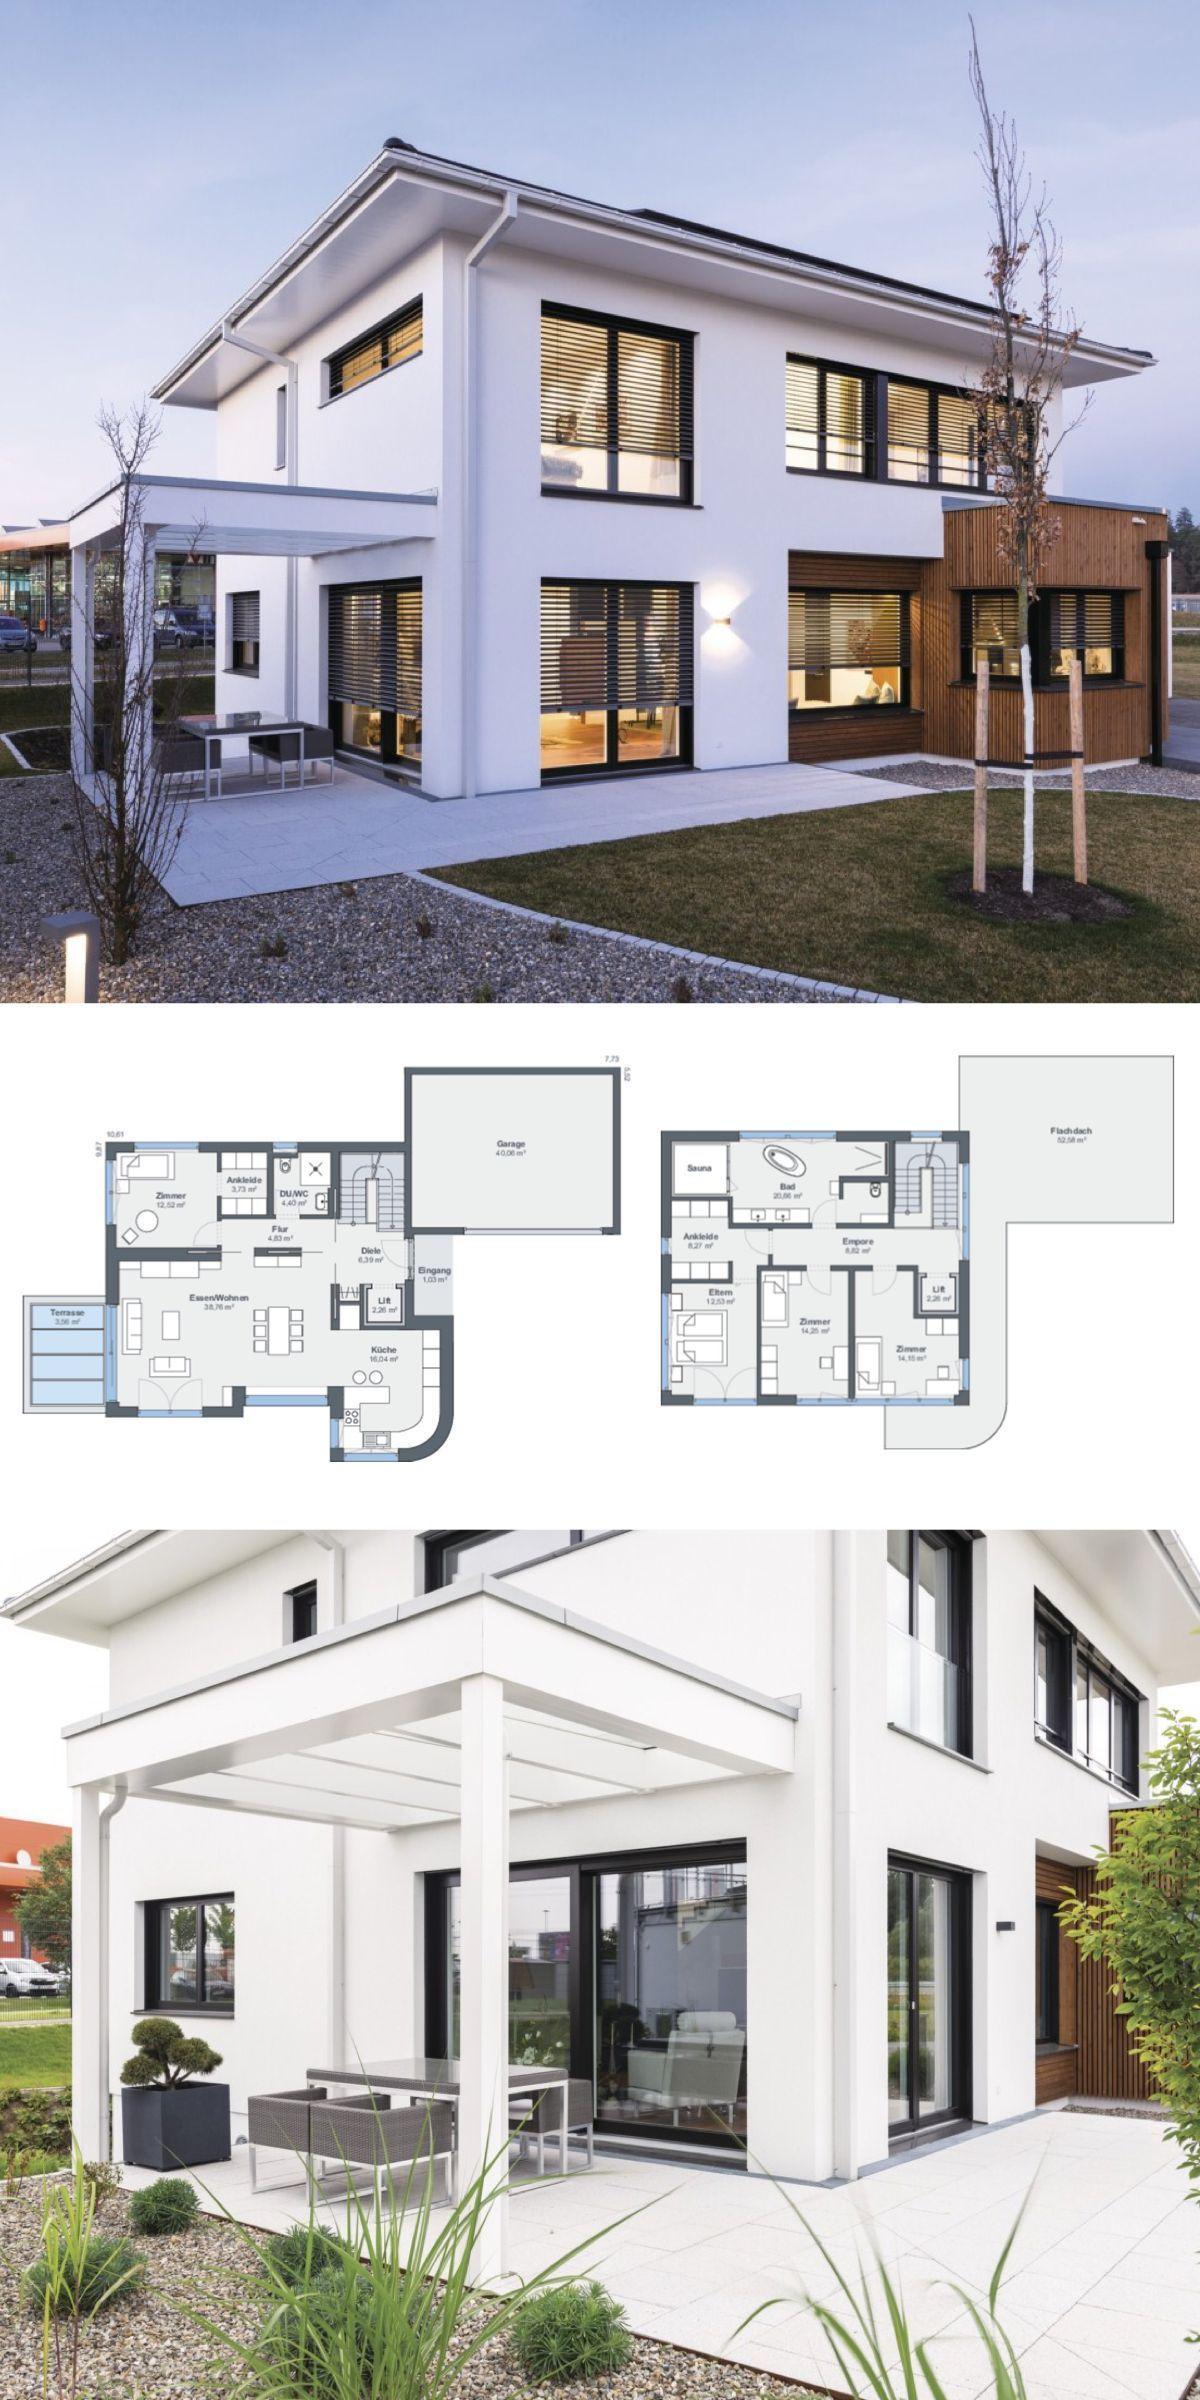 Attraktiv Stadtvilla Neubau Modern Mit Garage, Pergola U0026 Walmdach Architektur   Haus  Bauen Grundriss Ideen Fertighaus